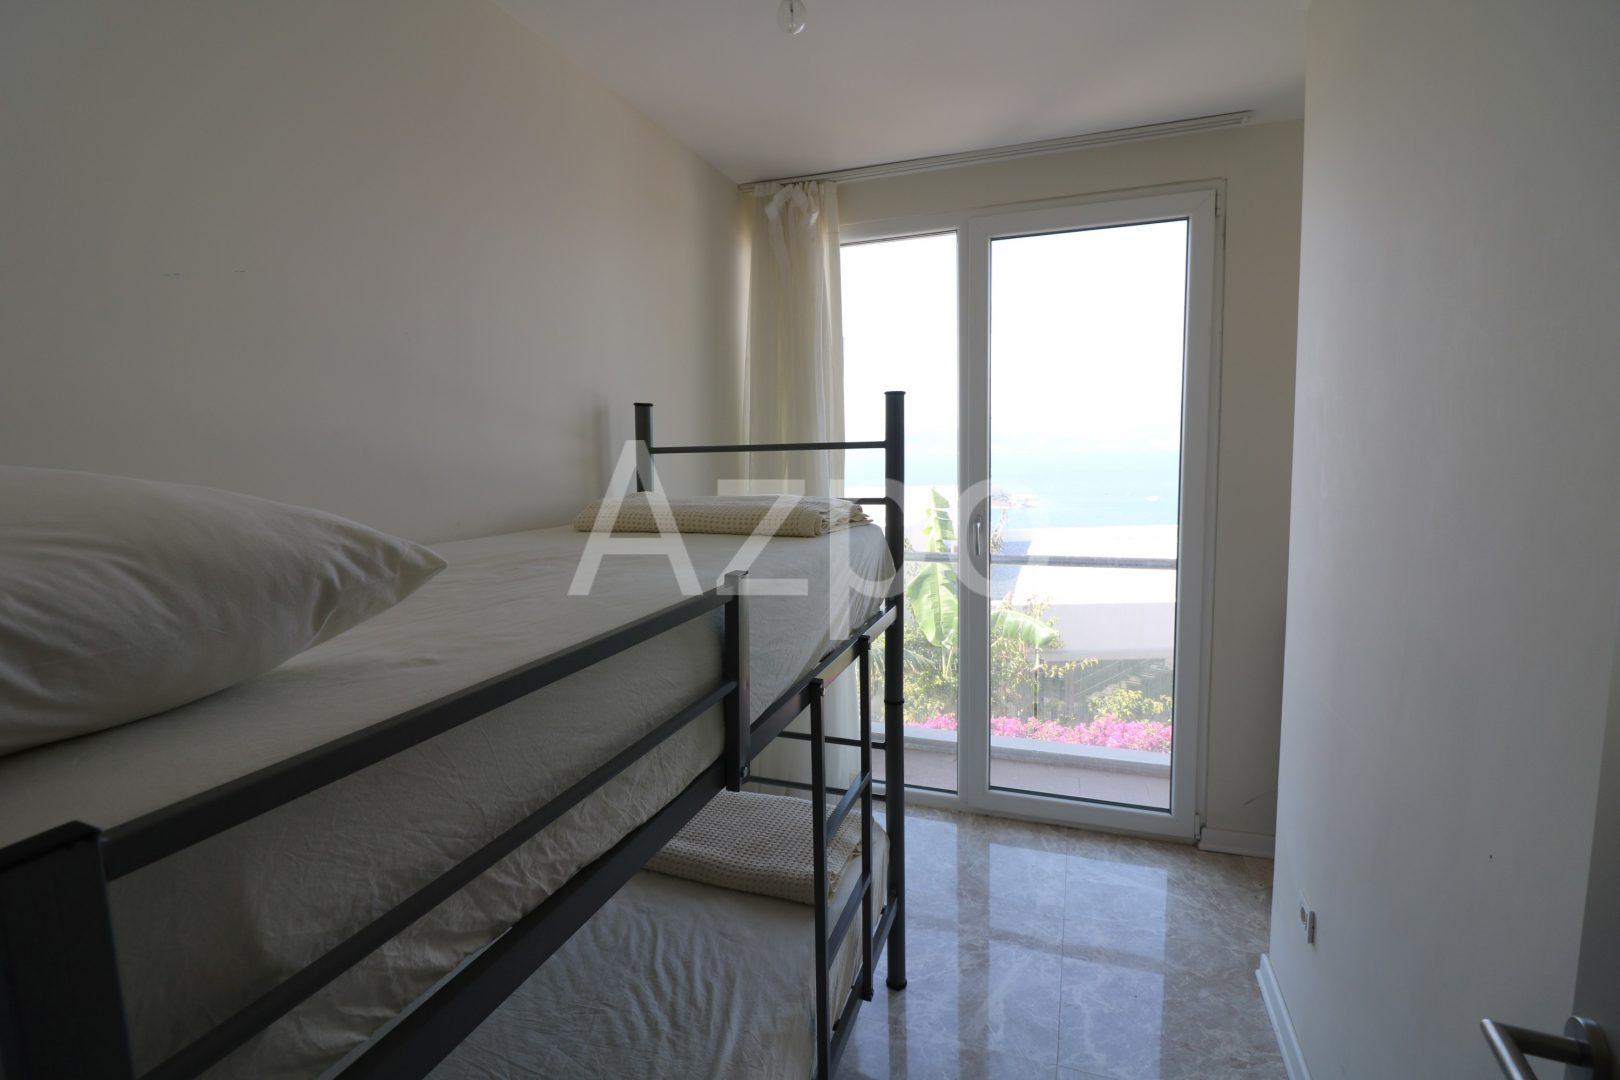 Квартира дуплекс в Бодруме с видом на море - Фото 2